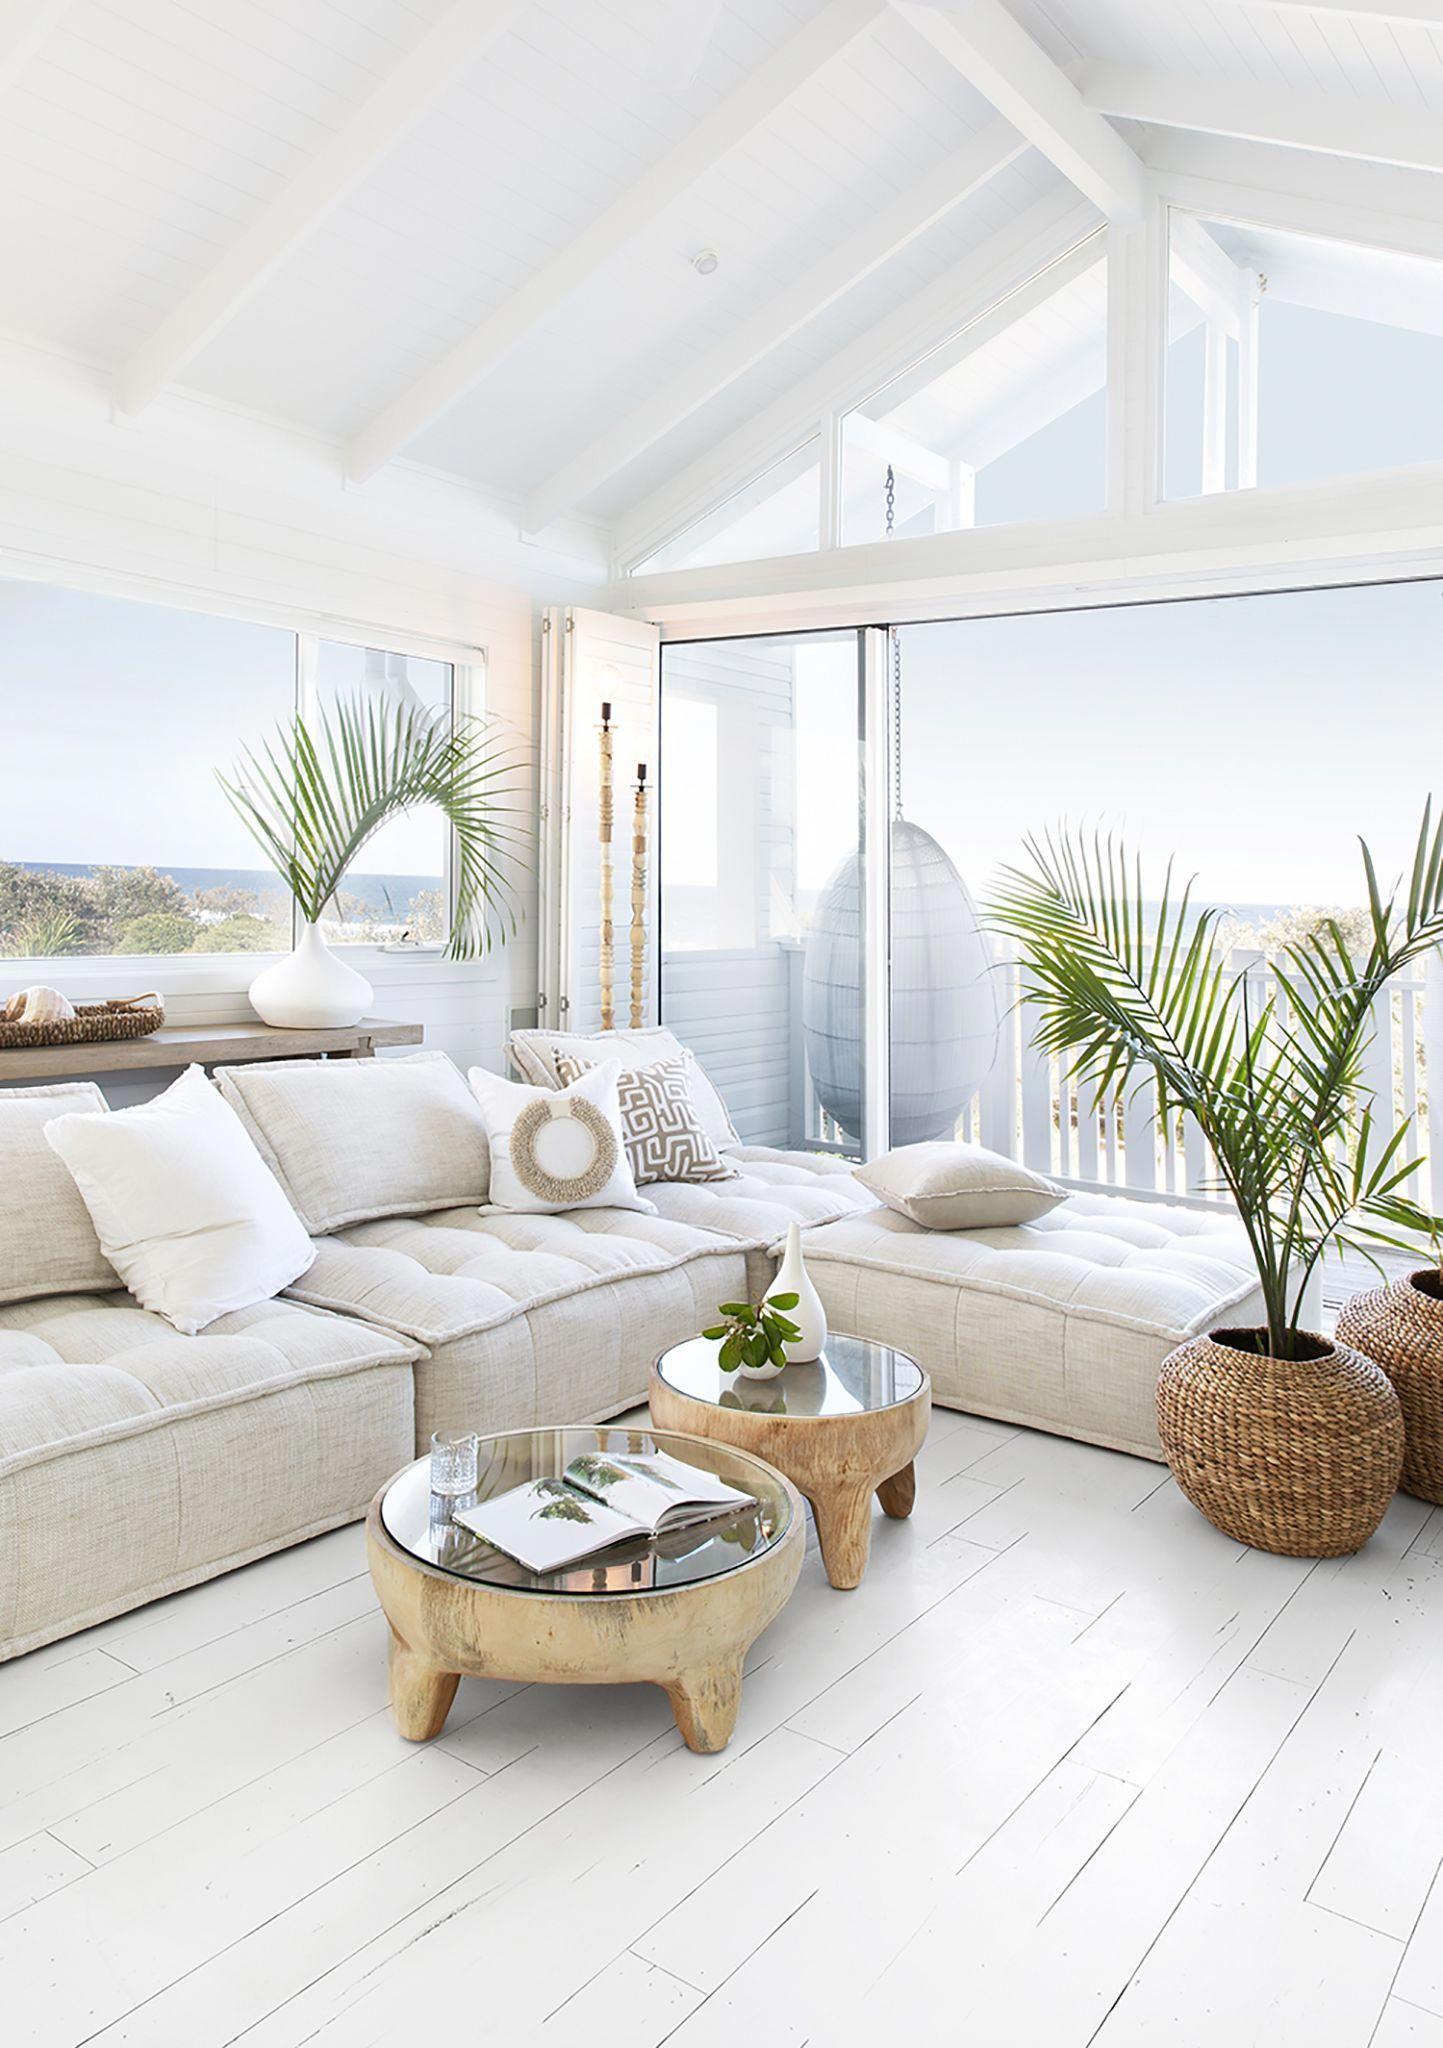 Rita Sofa | One Seater | Beach house interior, Beach house ...